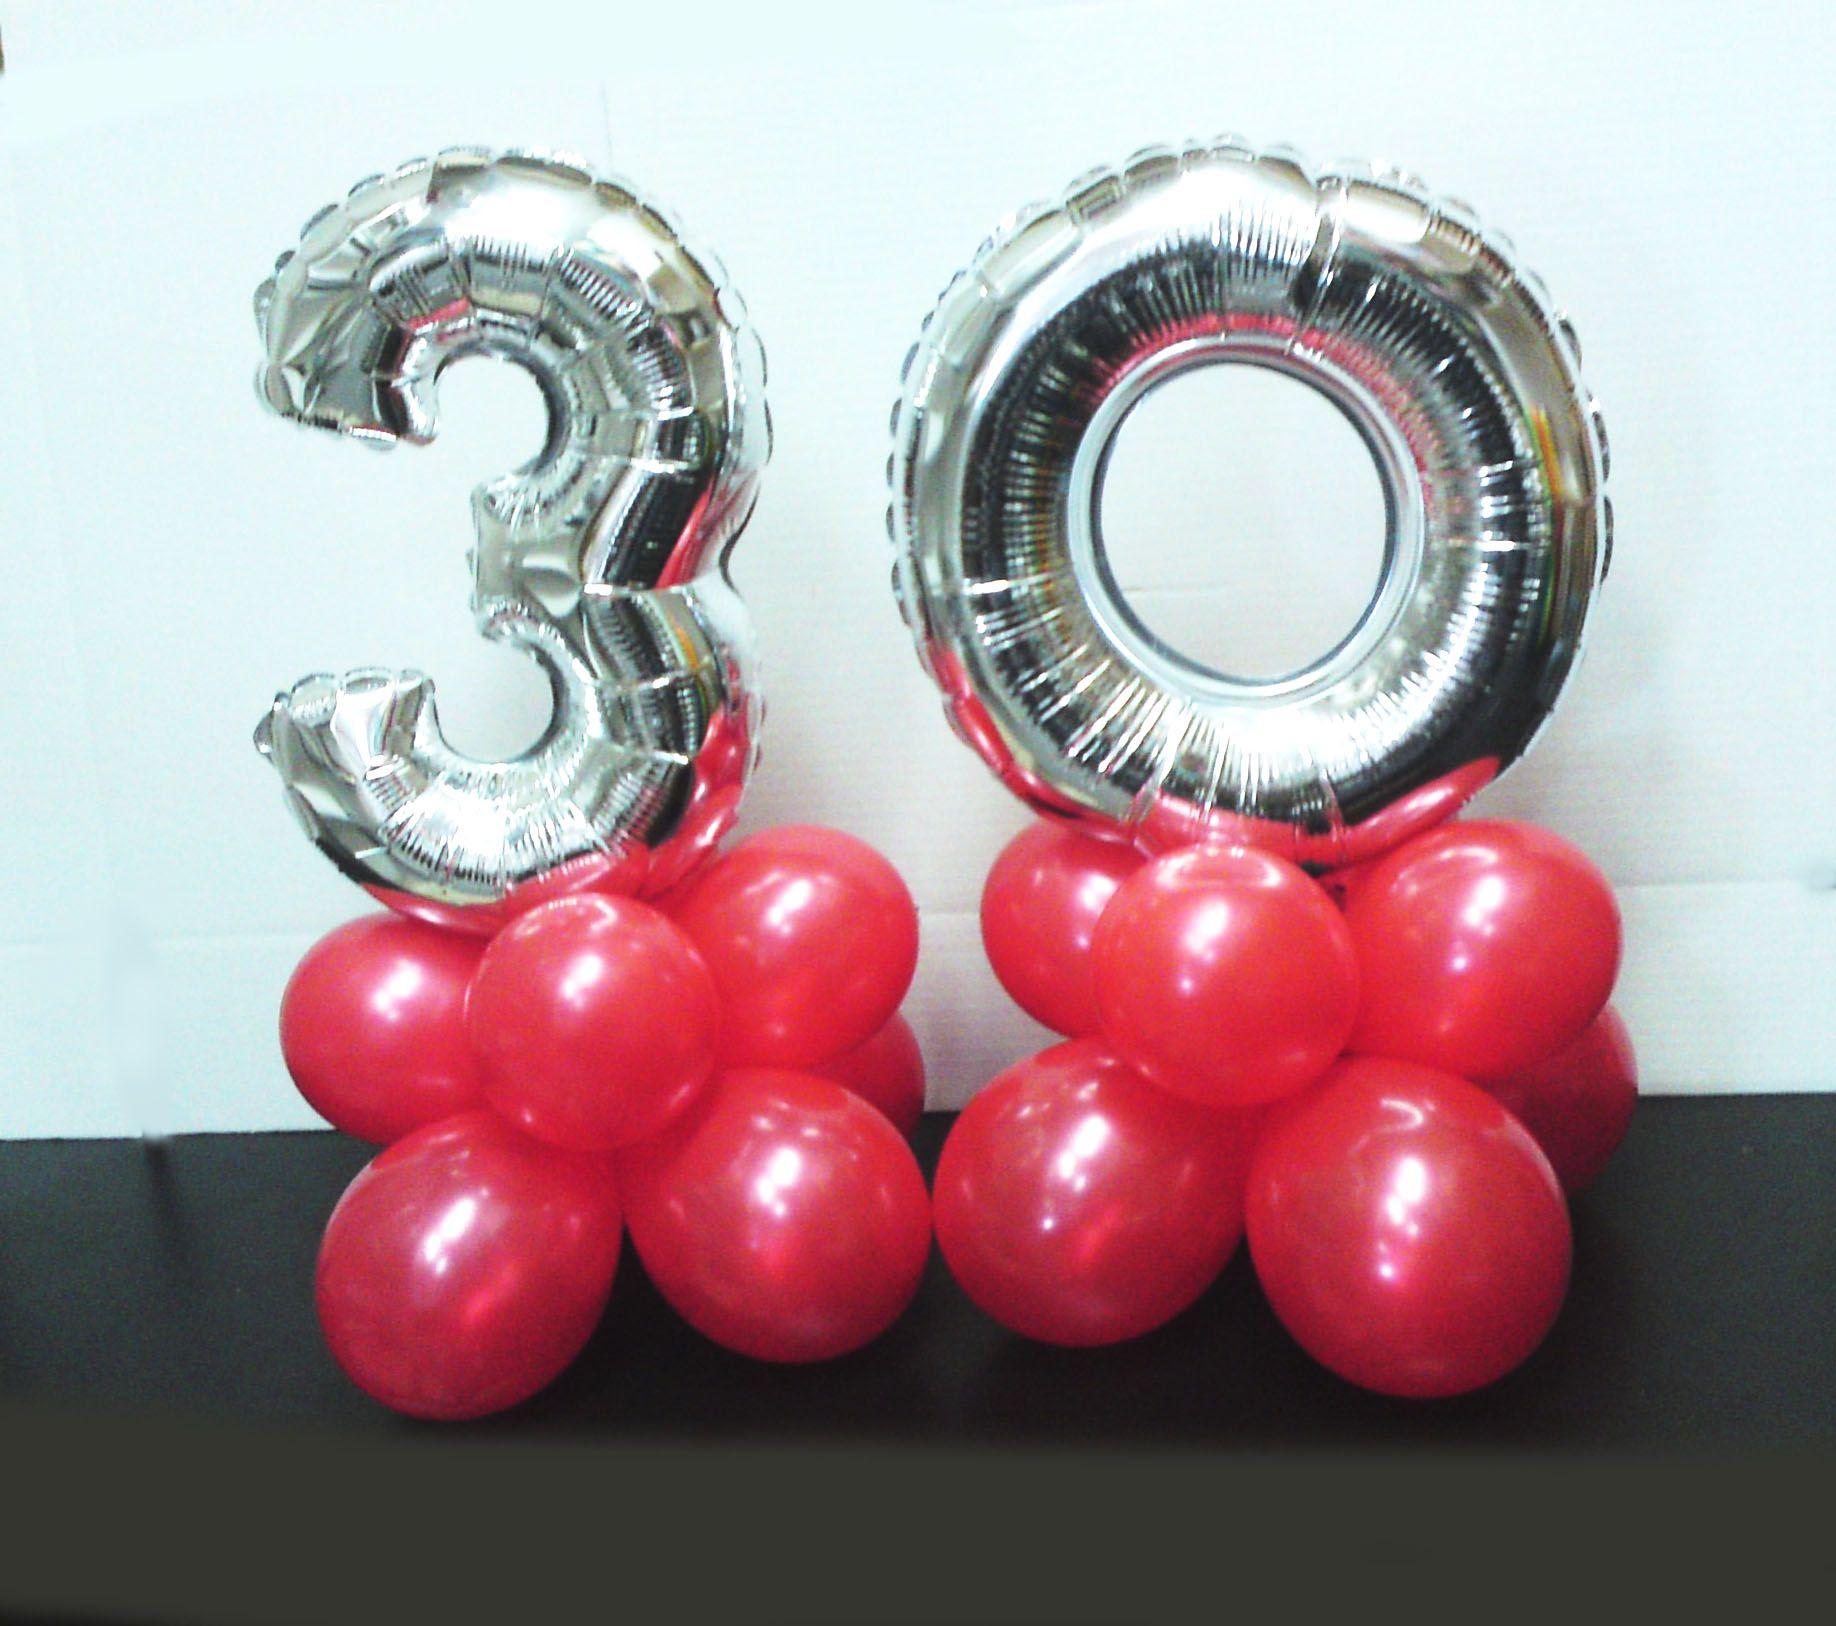 Consejo decora con globos de n meros - Decora con globos ...